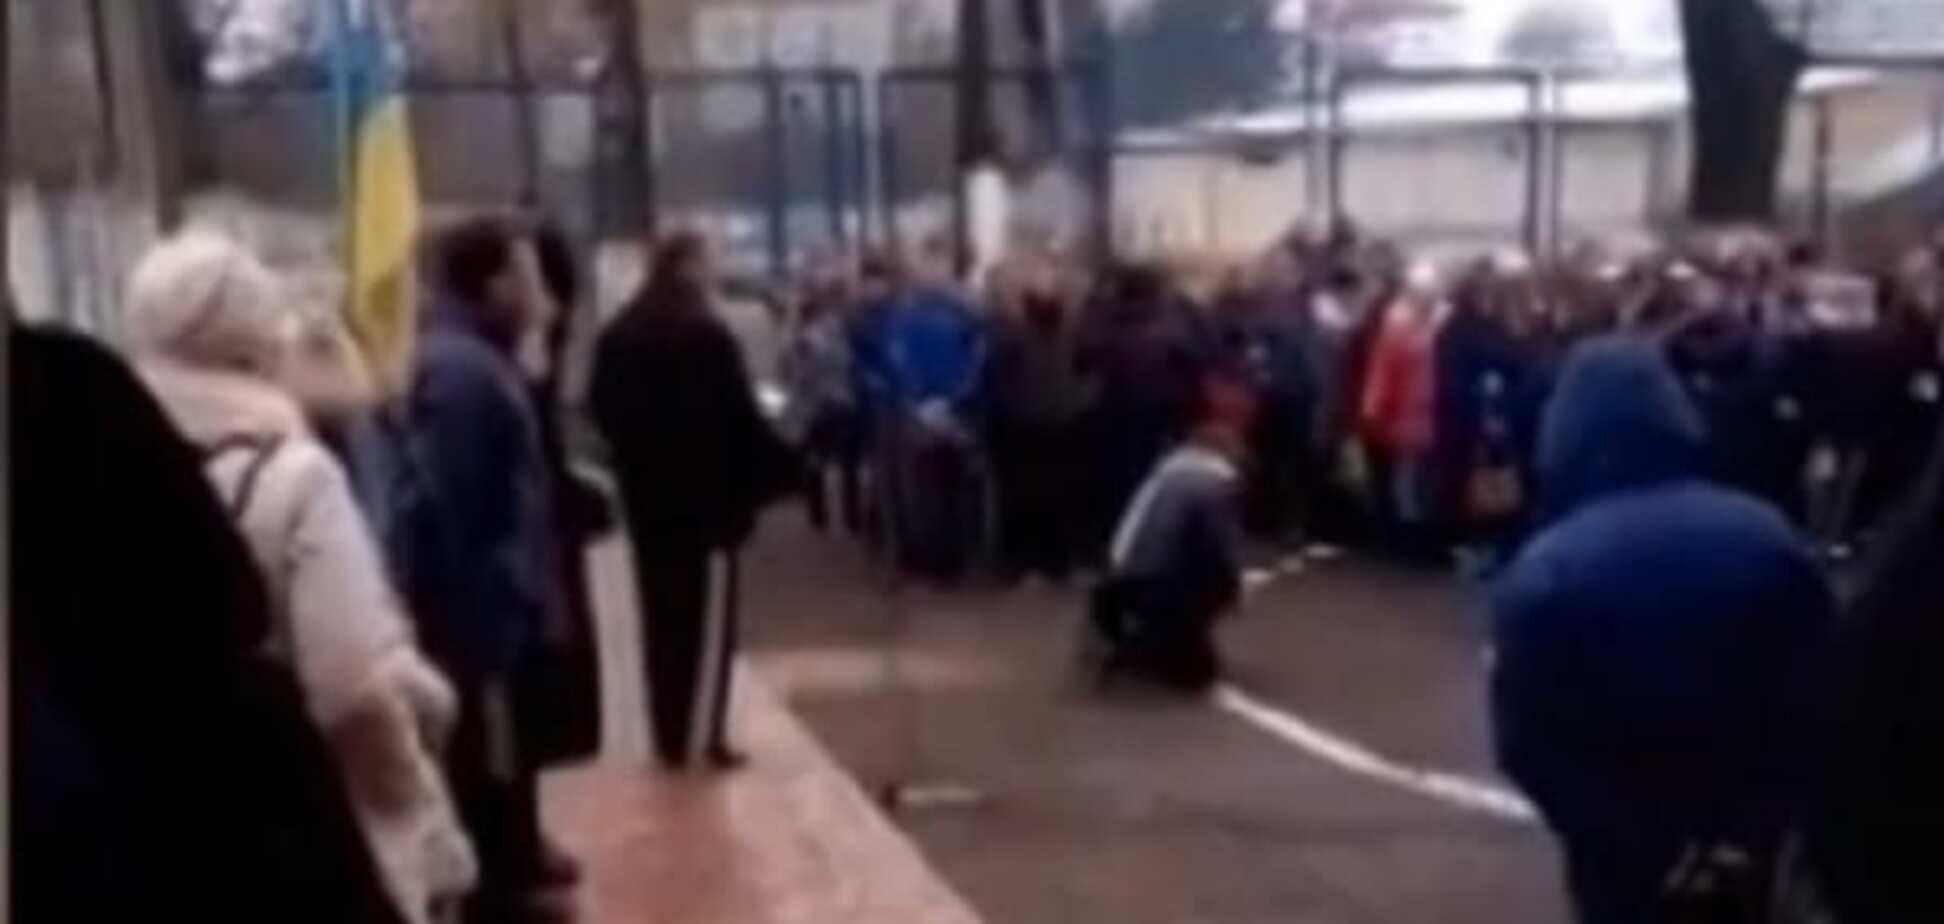 'На колени': директор училища в Тернополе устроил жесткое воспитание своих учеников. Опубликовано видео